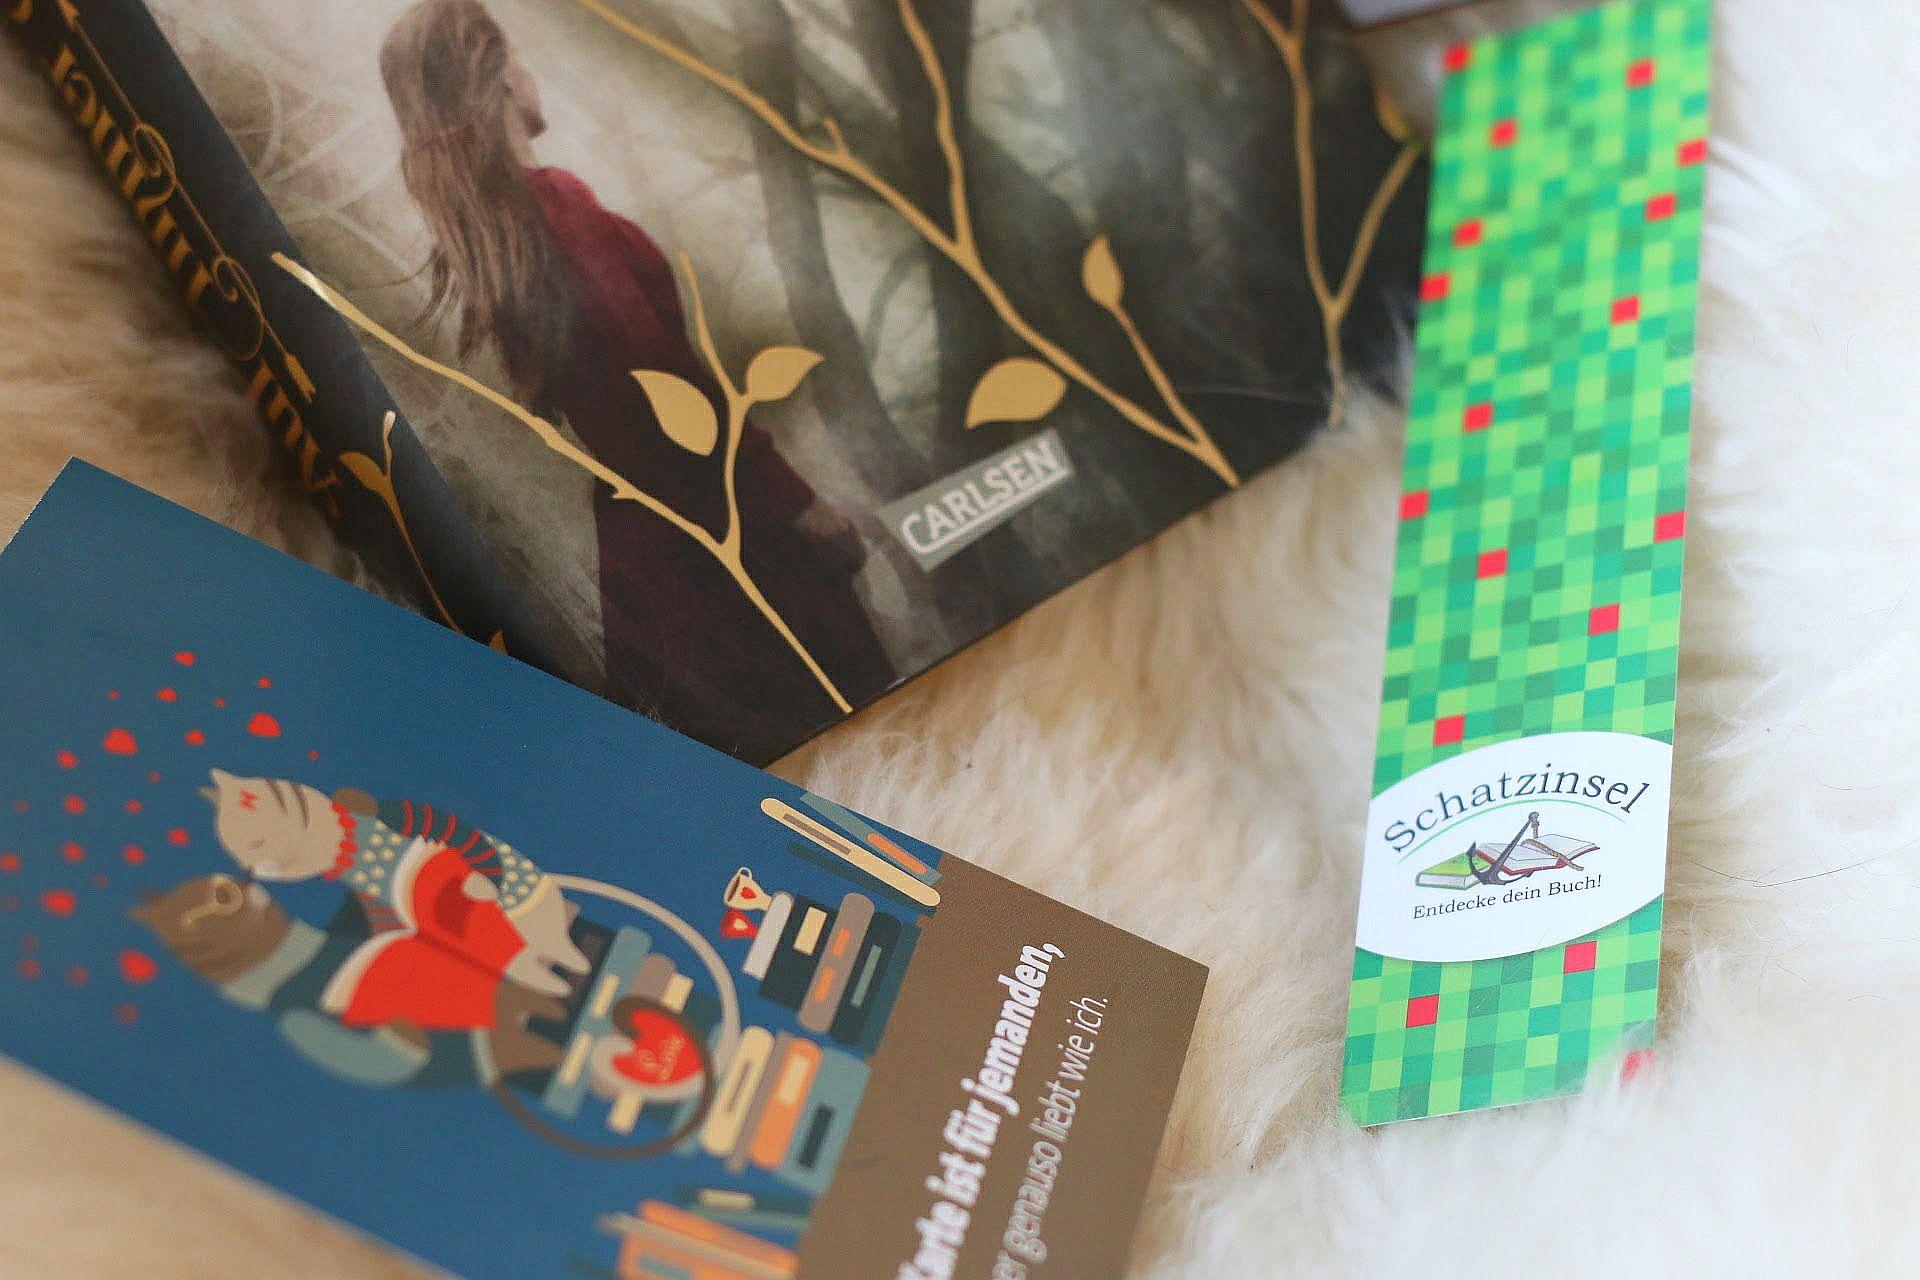 Blogger-Event Bücher Schatzinsel Münster Buchhandlung Auf immer gejagt Erin Summerill